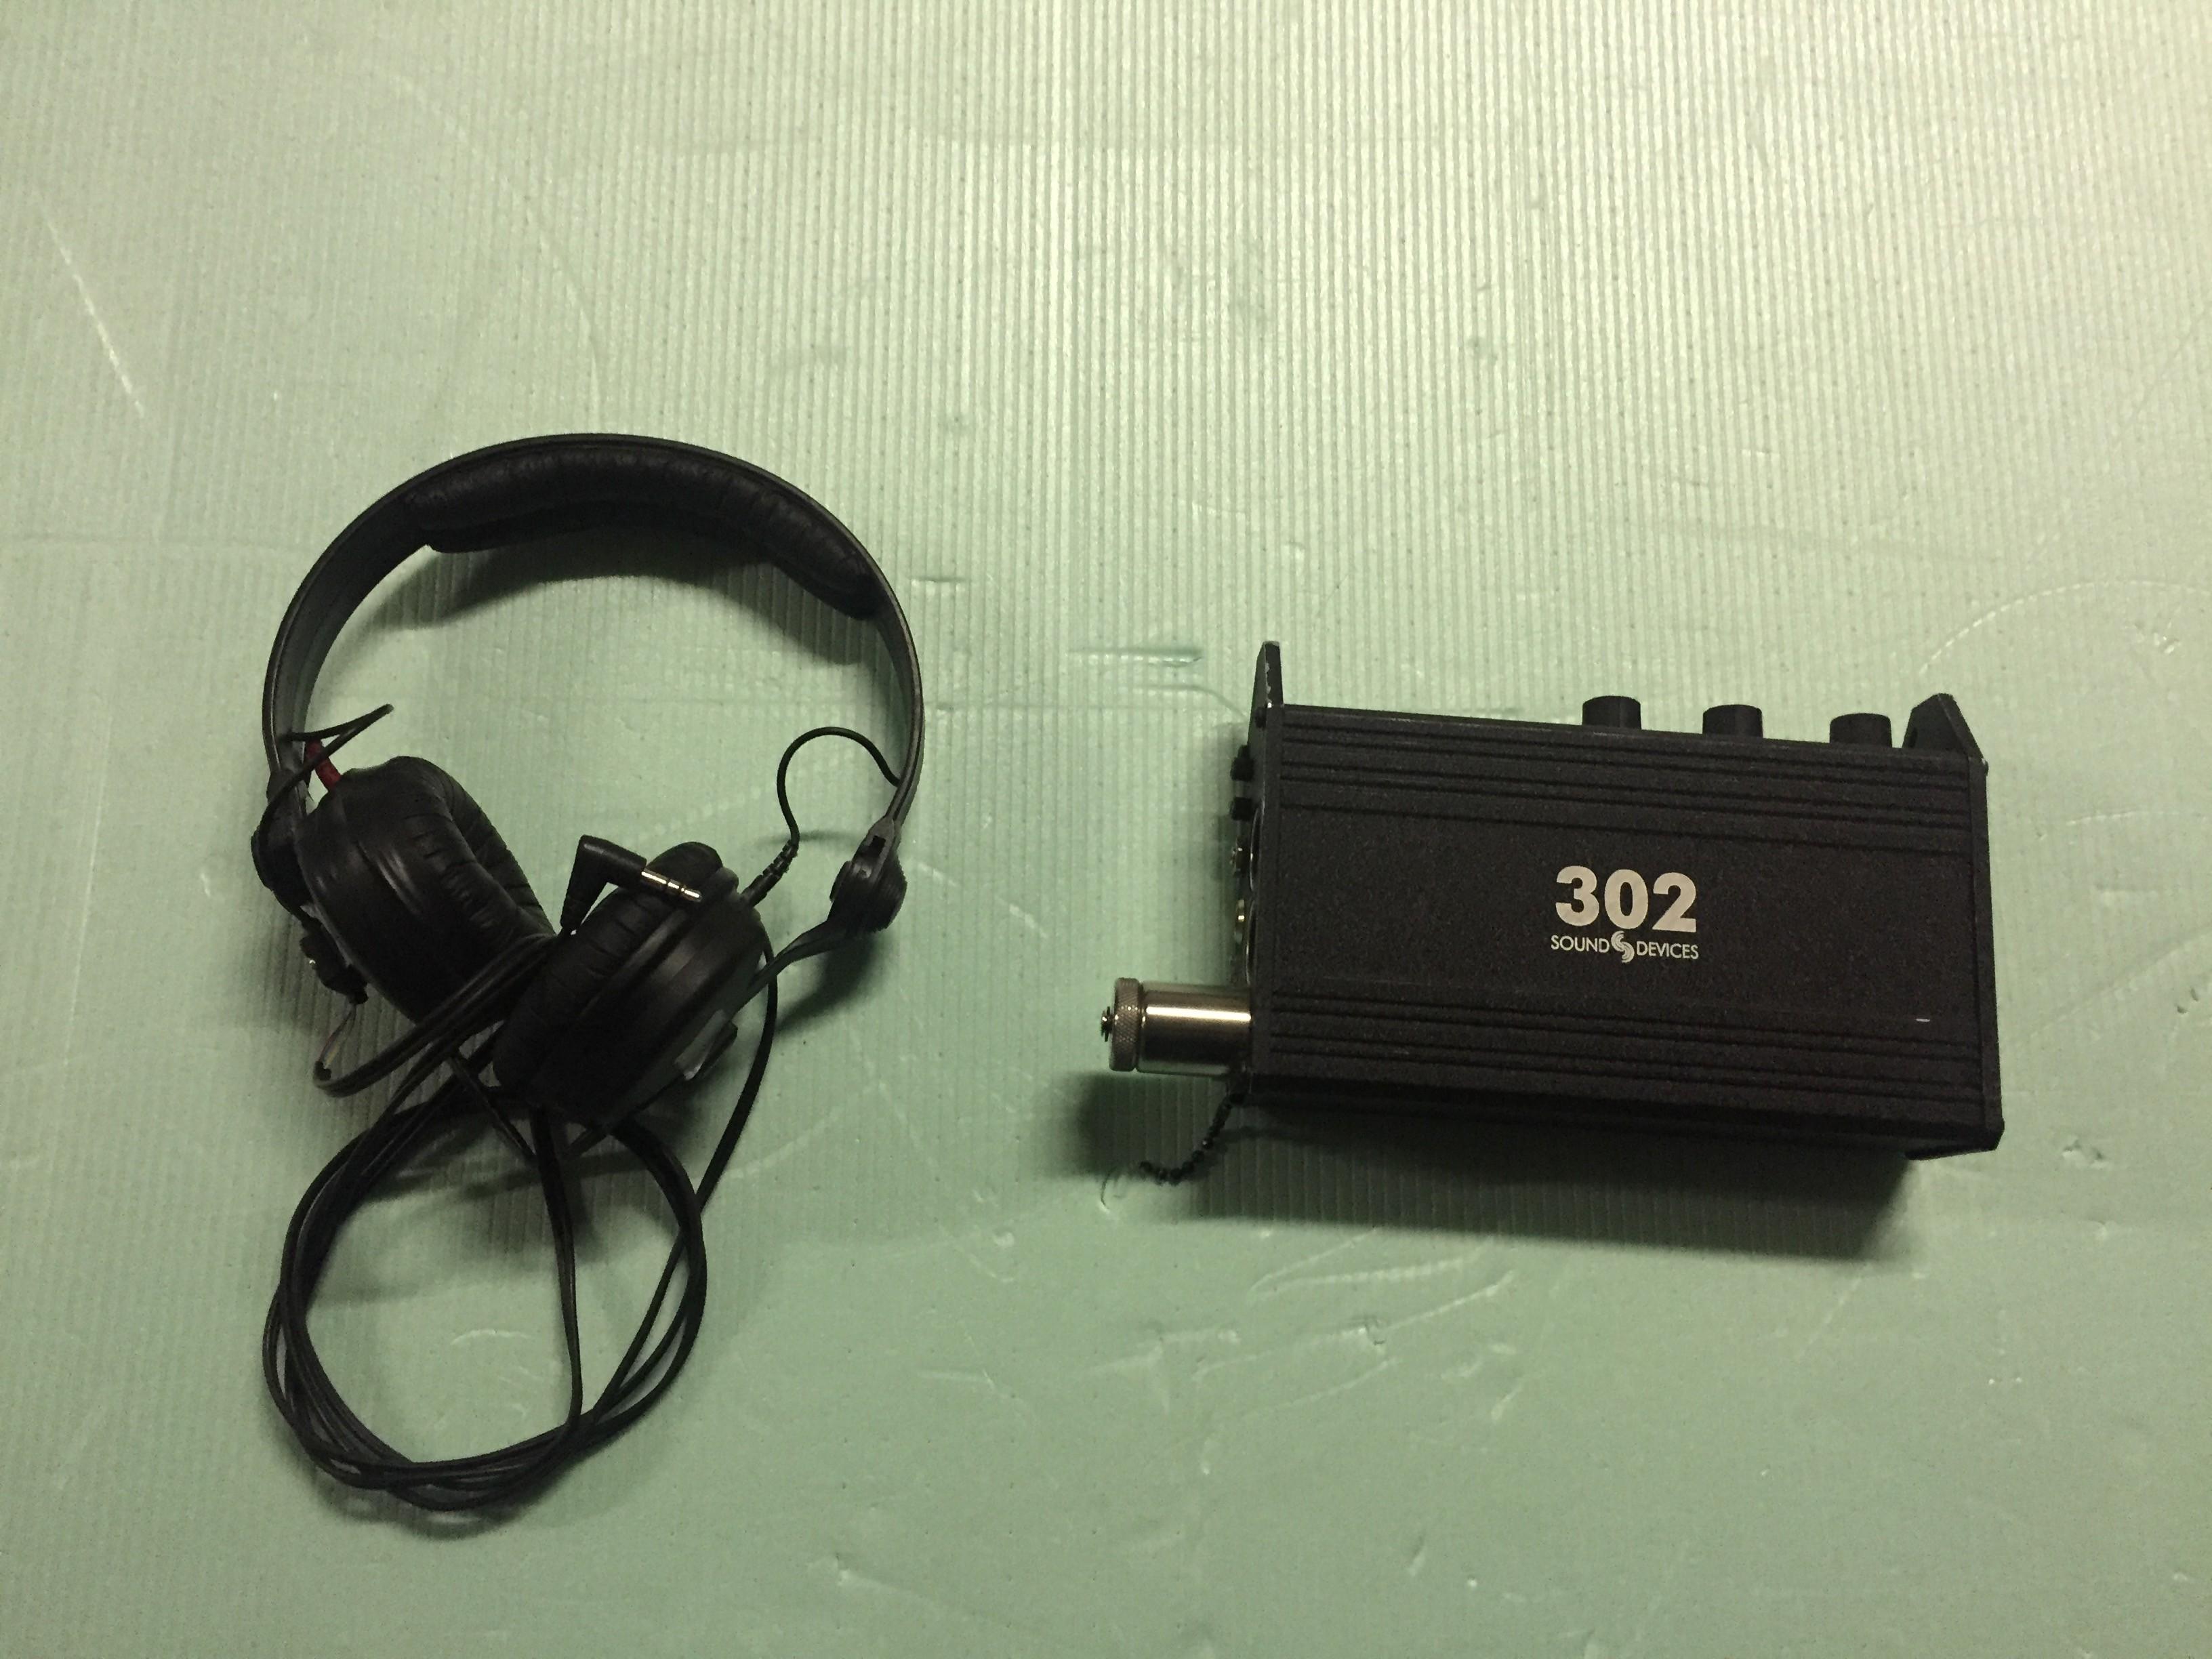 MIXETTE enregistrement 302 SOUND DEVICE avec casque  SENNHEISER